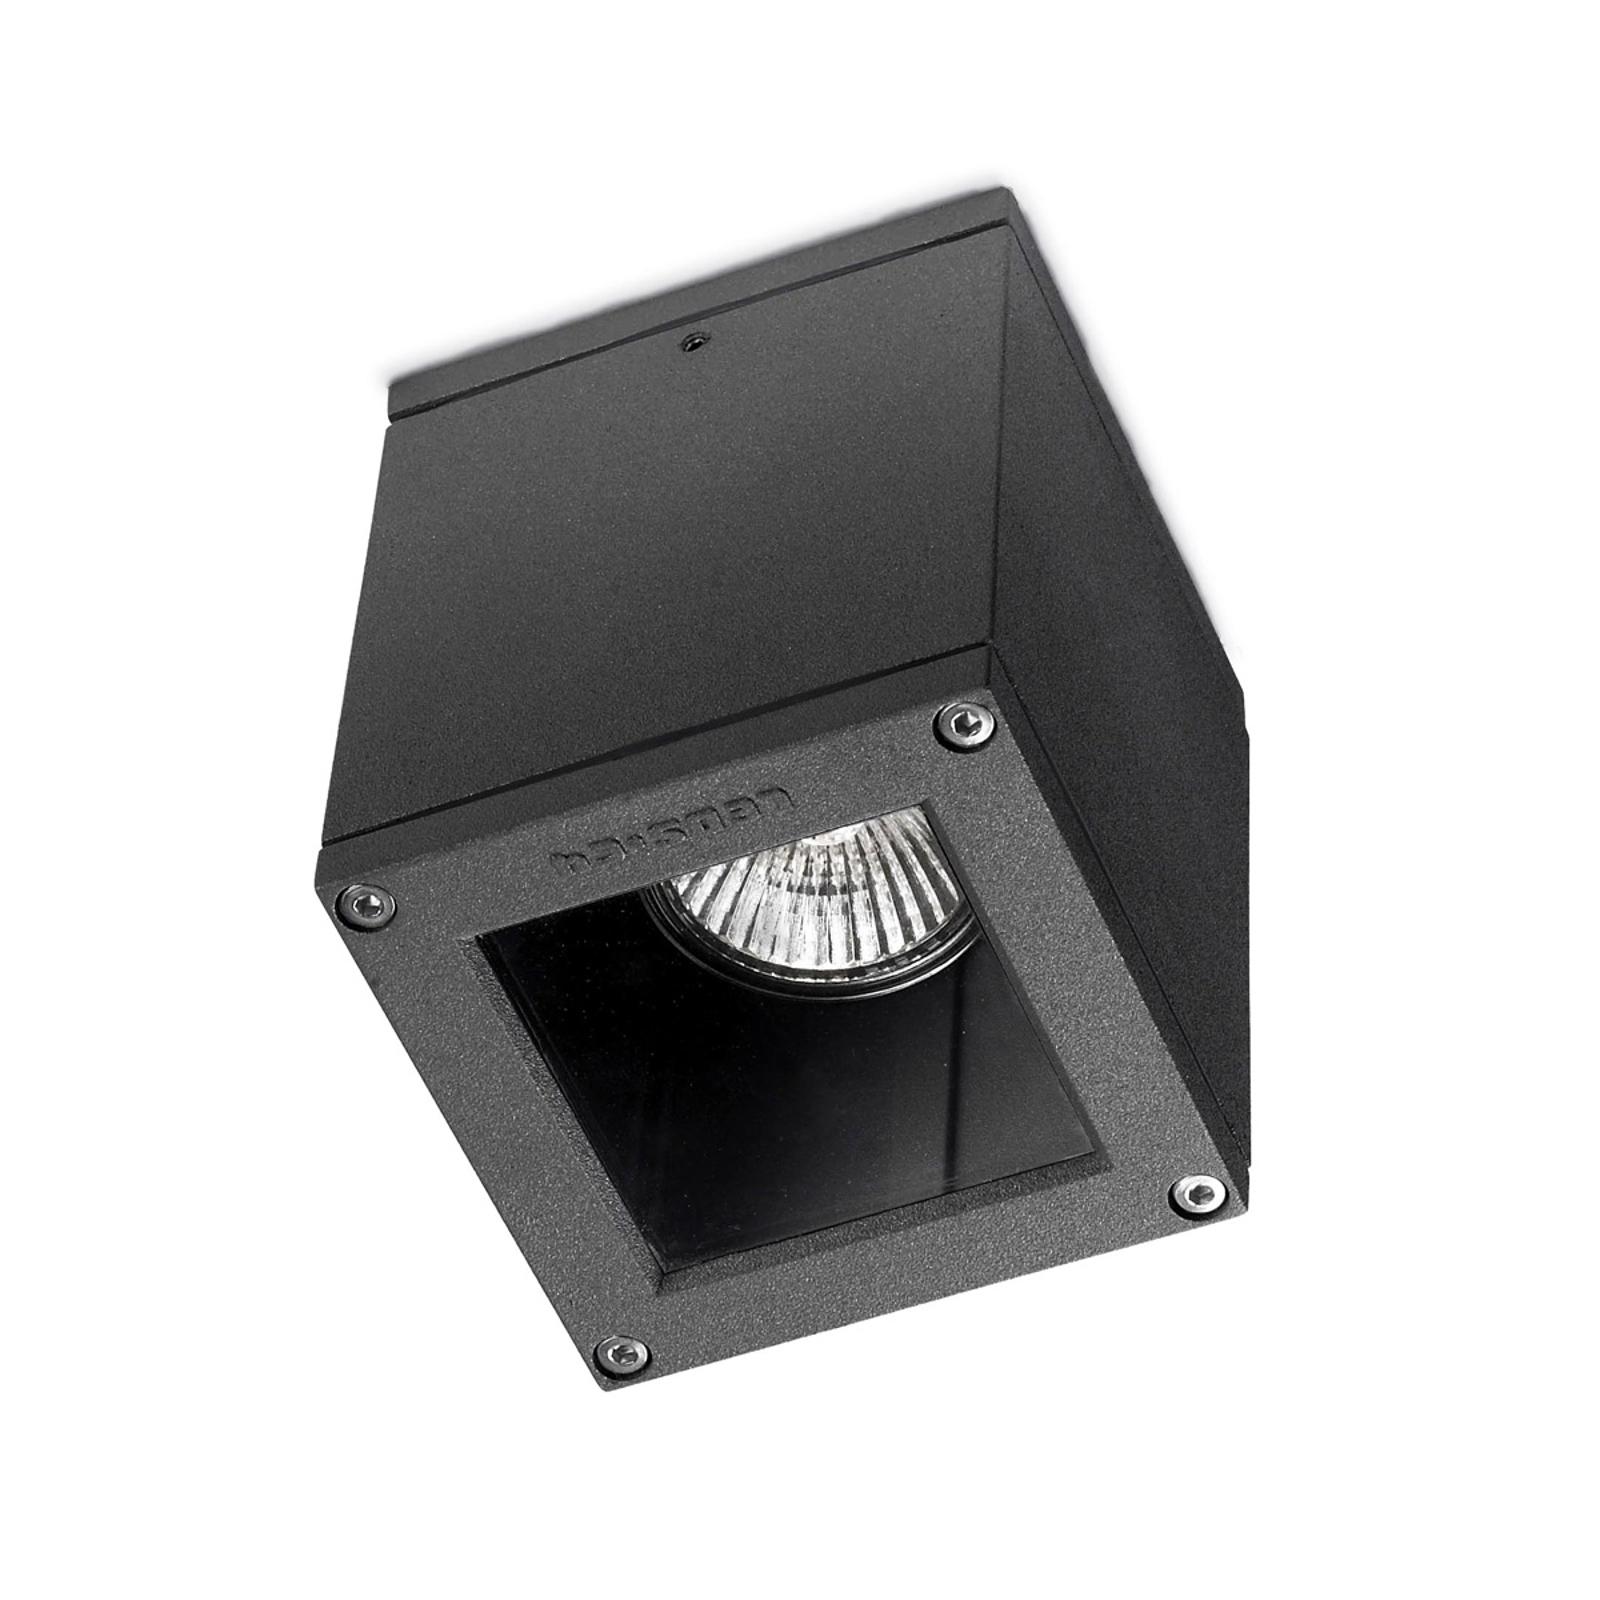 AFRODITA kleine plafondlamp voor buiten, antraciet